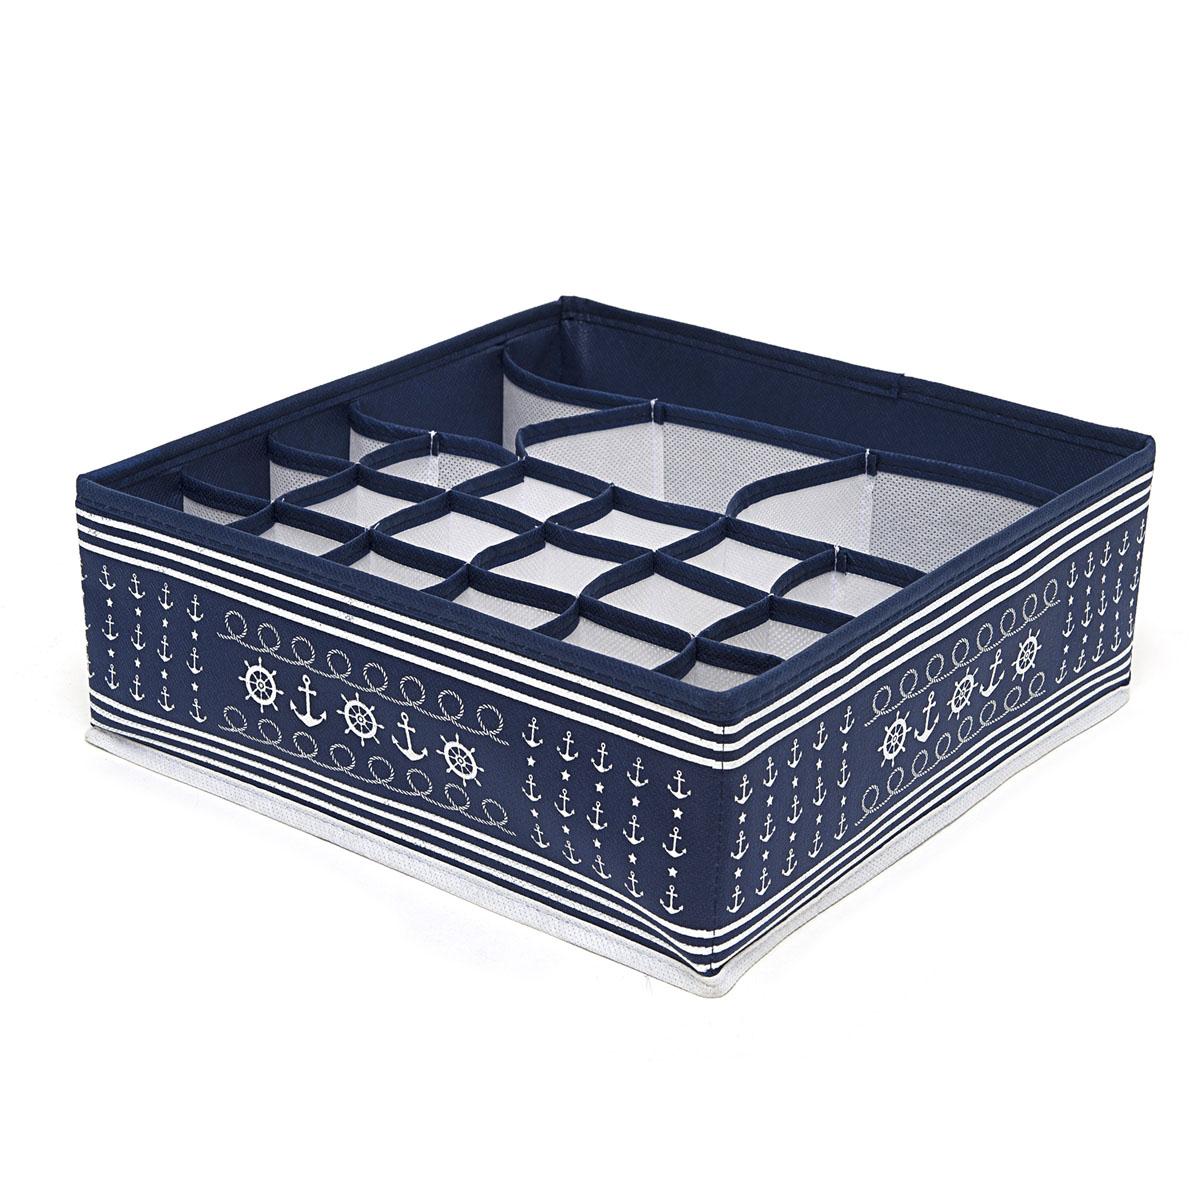 Органайзер для хранения вещей Homsu Ocean, 22 секции, 30 х 30 х 11 смHOM-222Компактный органайзер Homsu Ocean изготовлен из высококачественного полиэстера, который обеспечивает естественную вентиляцию. Материал позволяет воздуху свободно проникать внутрь, но не пропускает пыль. Органайзер отлично держит форму, благодаря вставкам из плотного картона. Изделие имеет 22 квадратные секции для хранения нижнего белья, колготок, носков и другой одежды. Такой органайзер позволит вам хранить вещи компактно и удобно.